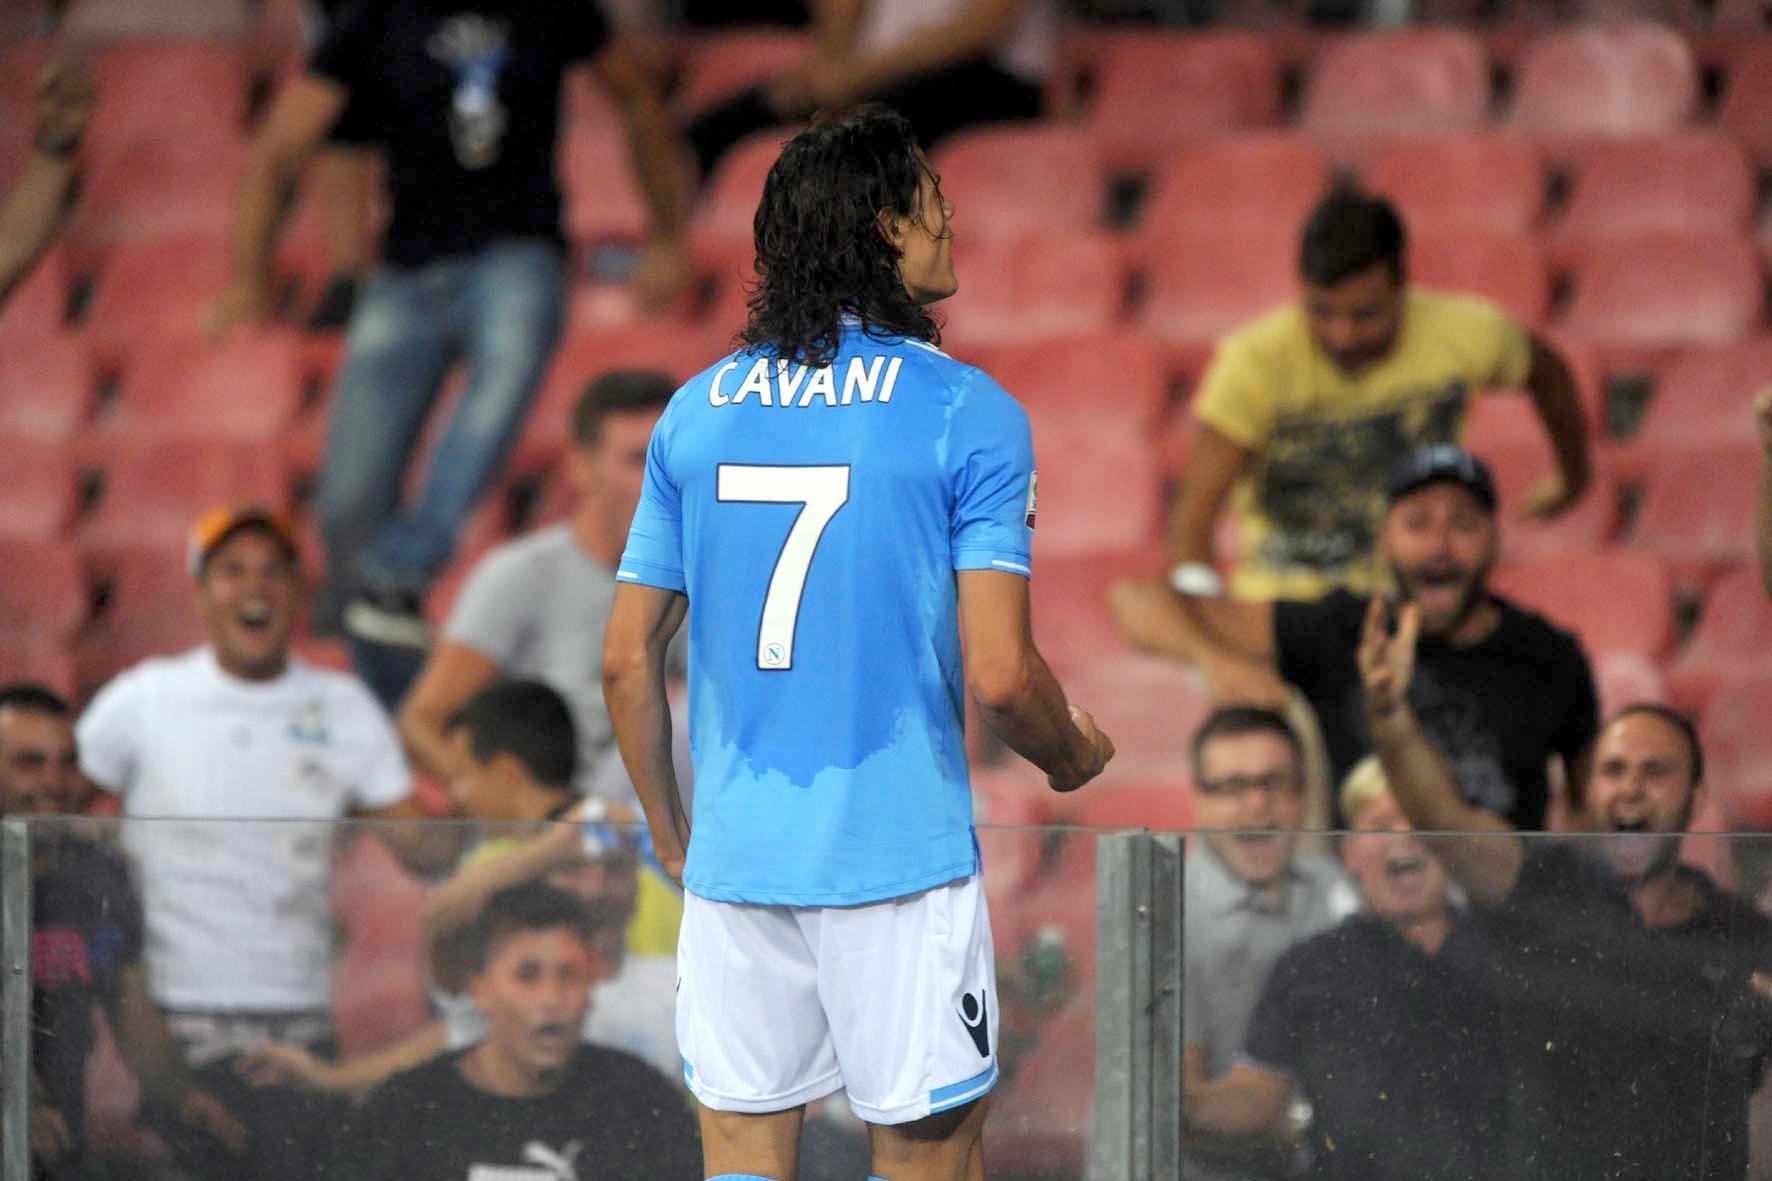 Napoli-Milan 3-1, il secondo gol di Cavani visto dalla Curva B (VIDEO)